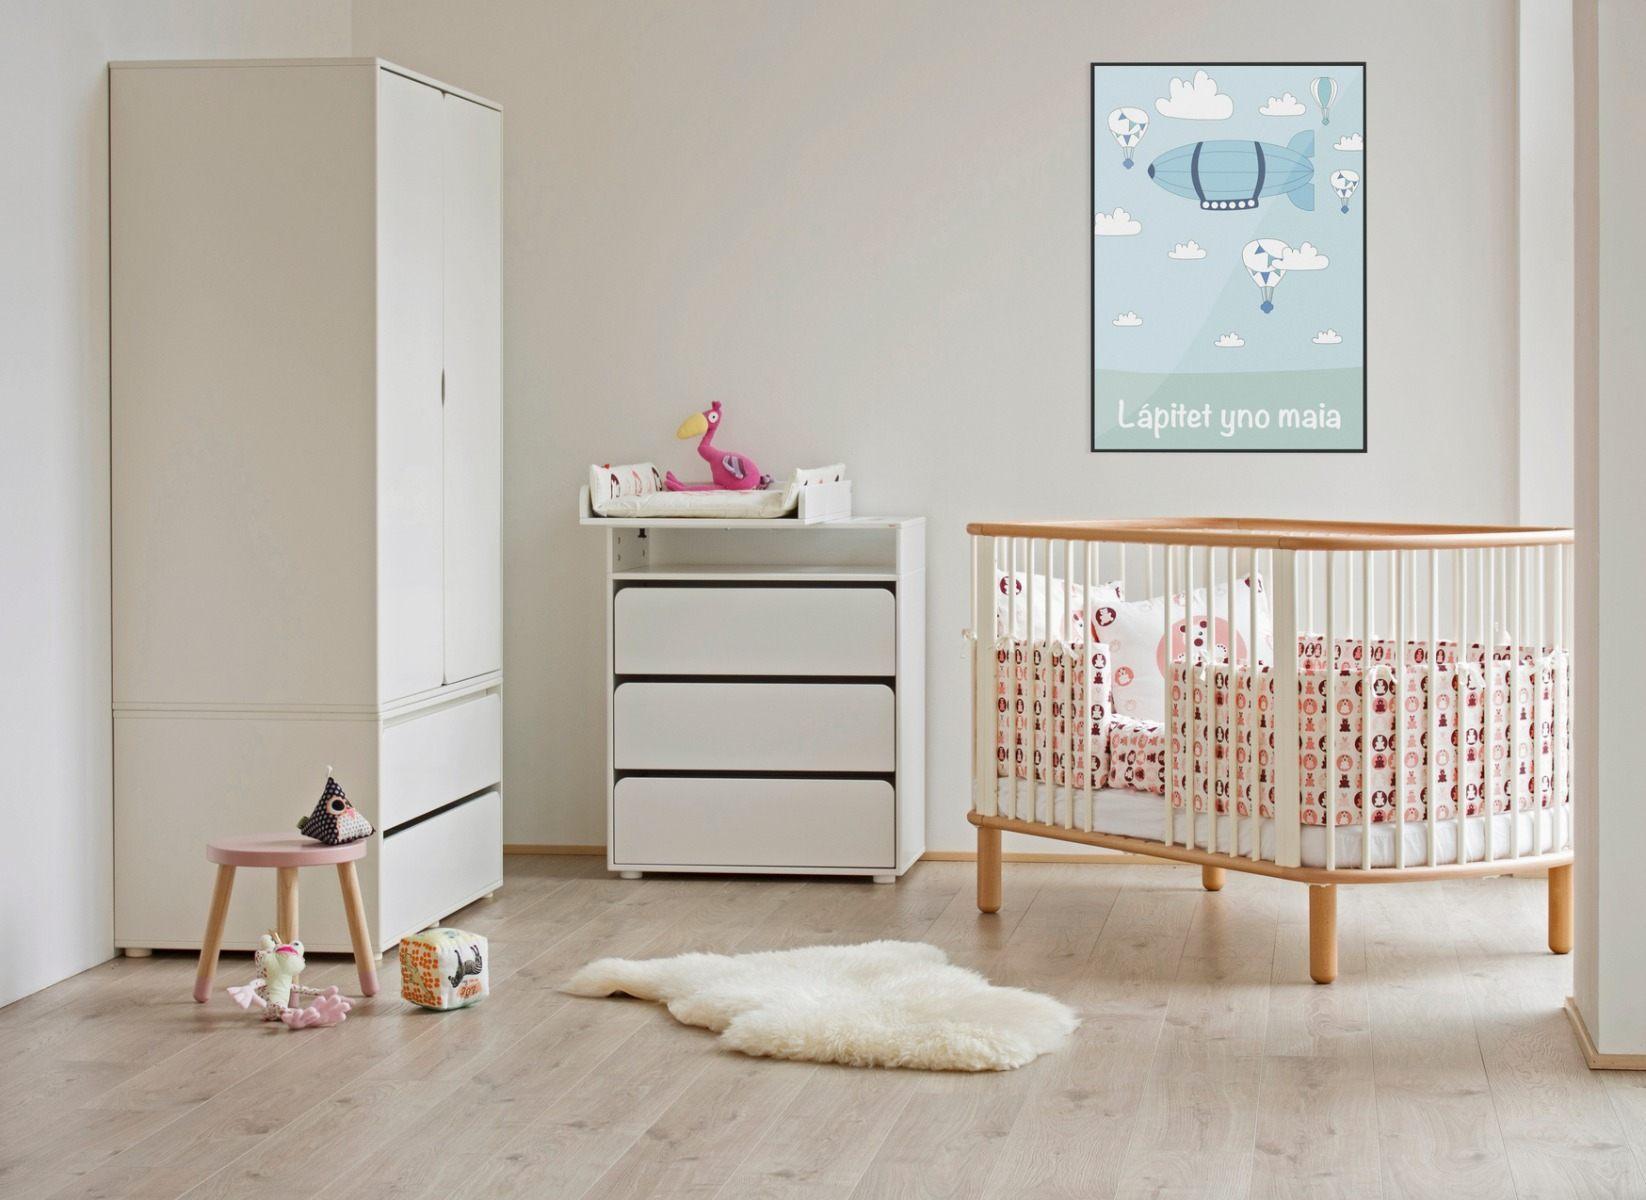 Lit Pour Bébé Luxe Bébé Punaise De Lit Chambre Bébé Fille Inspirant Parc B C3 A9b C3 A9